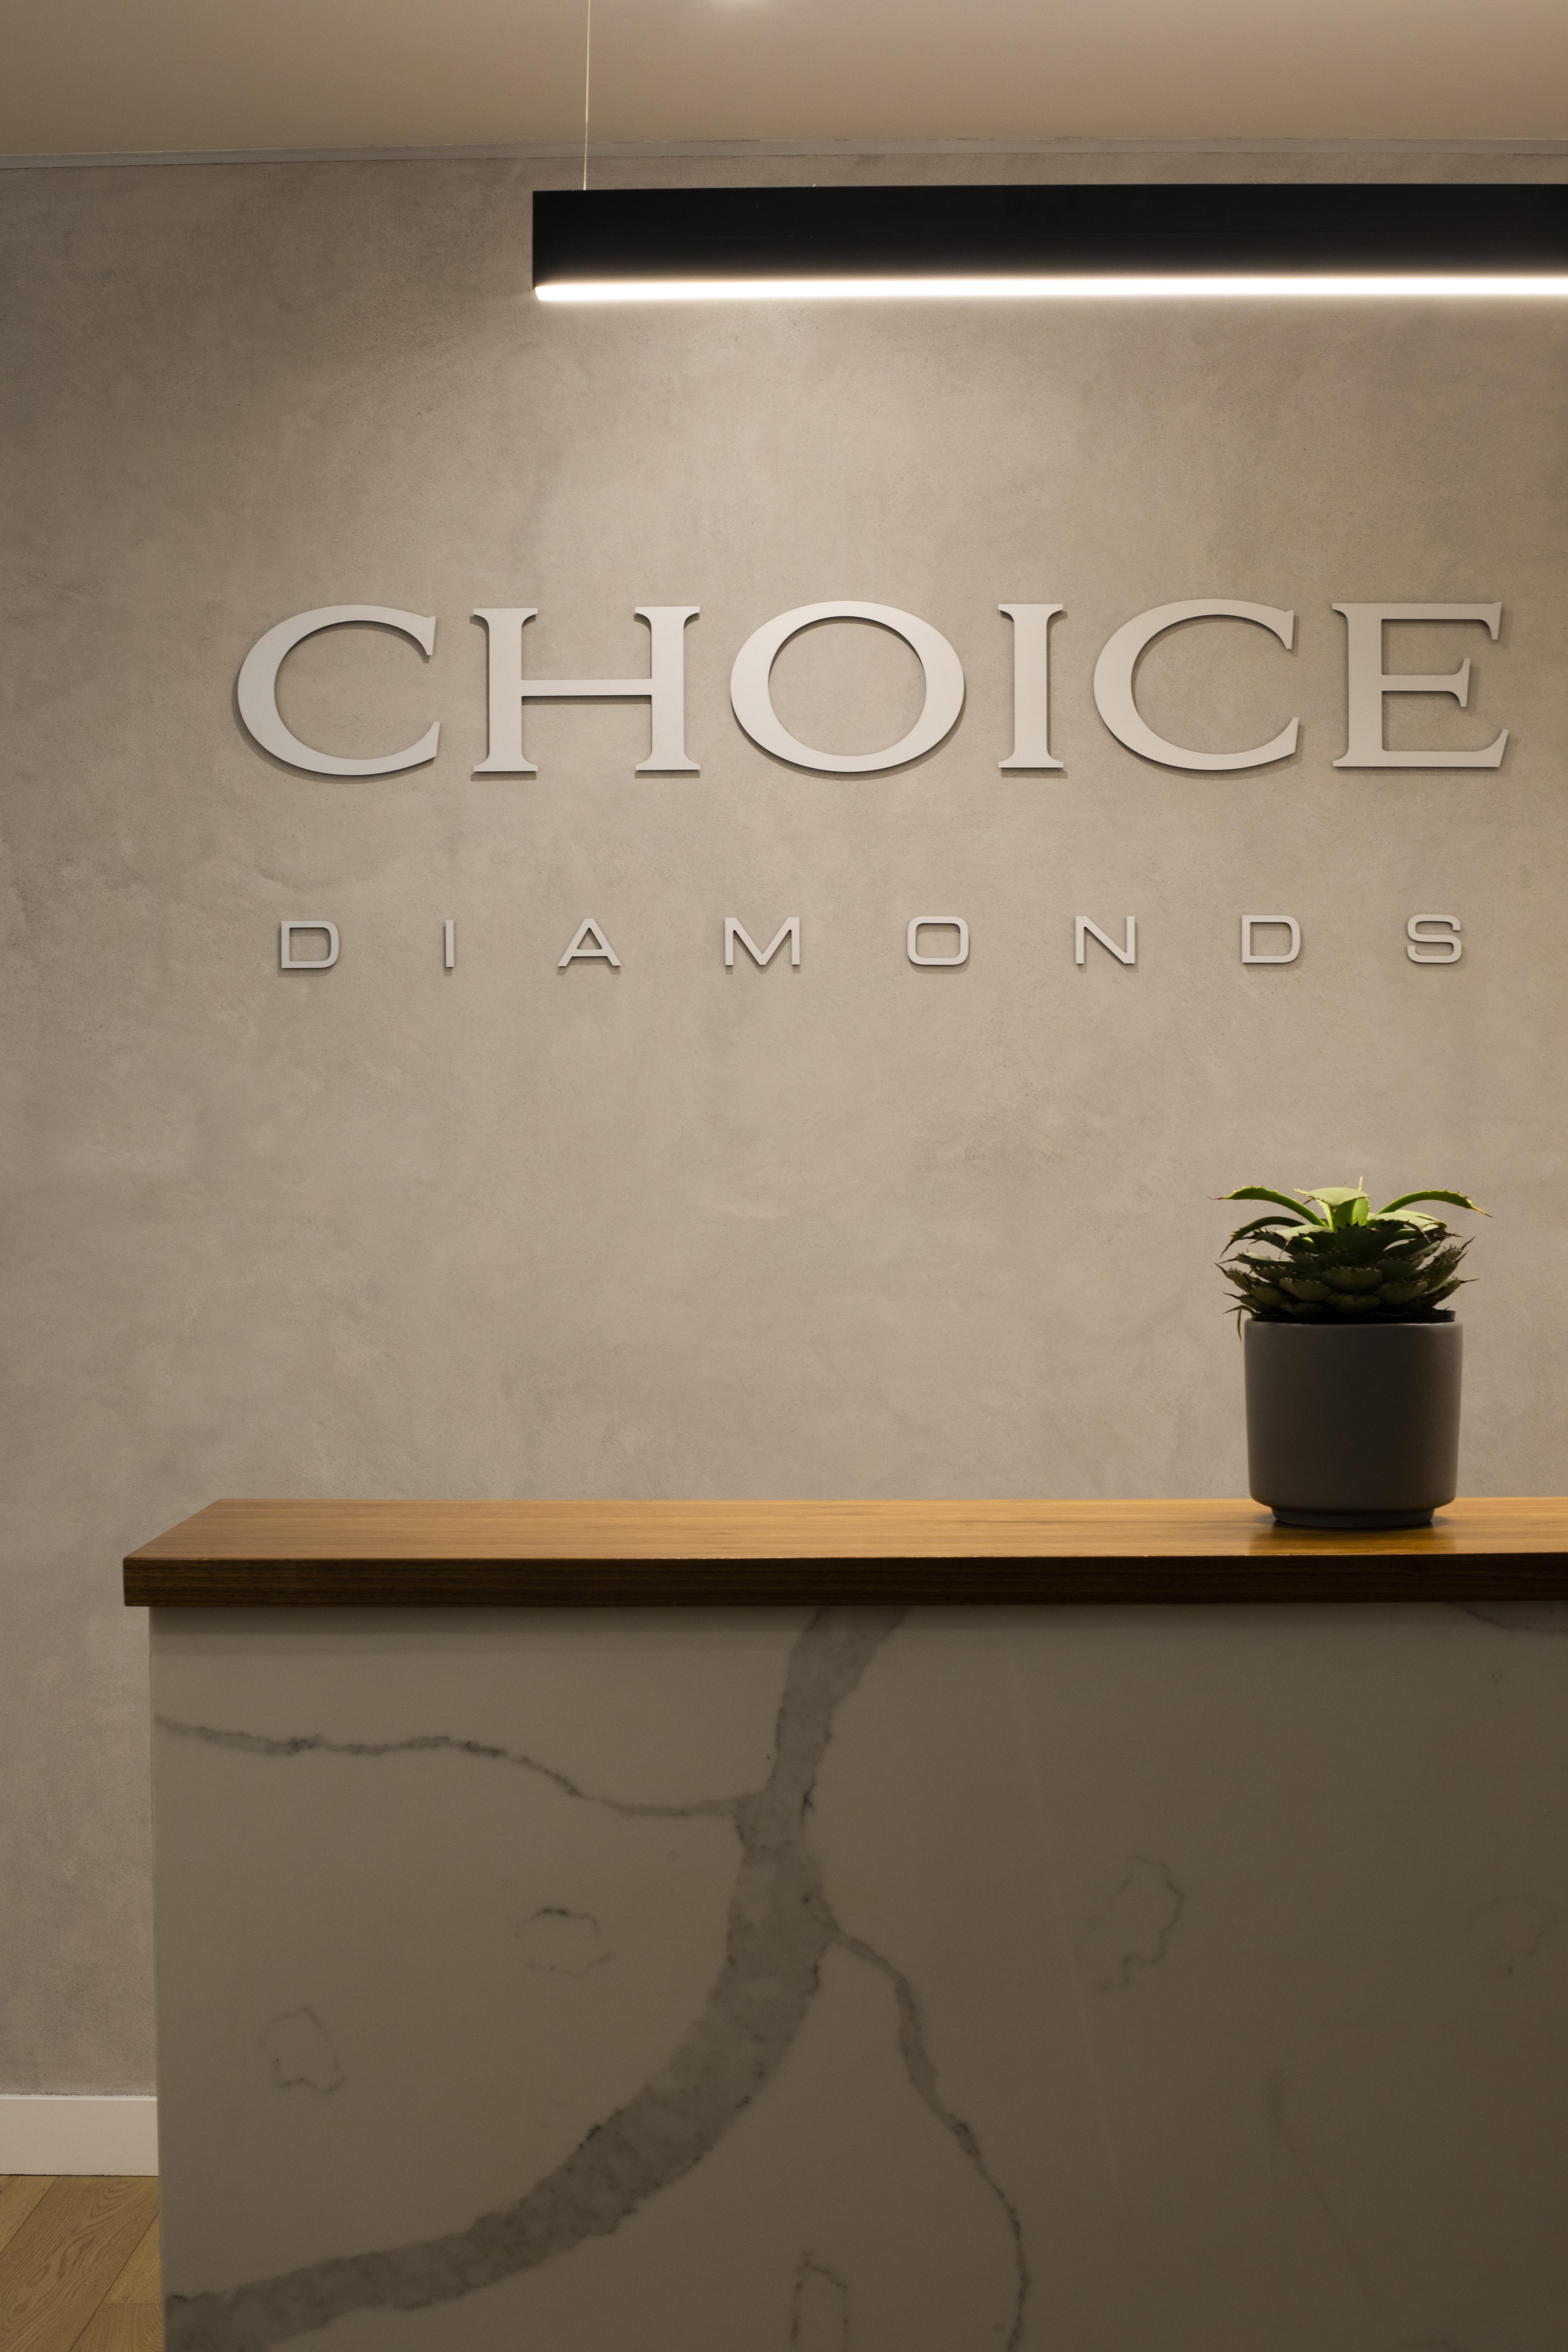 Choice-2416